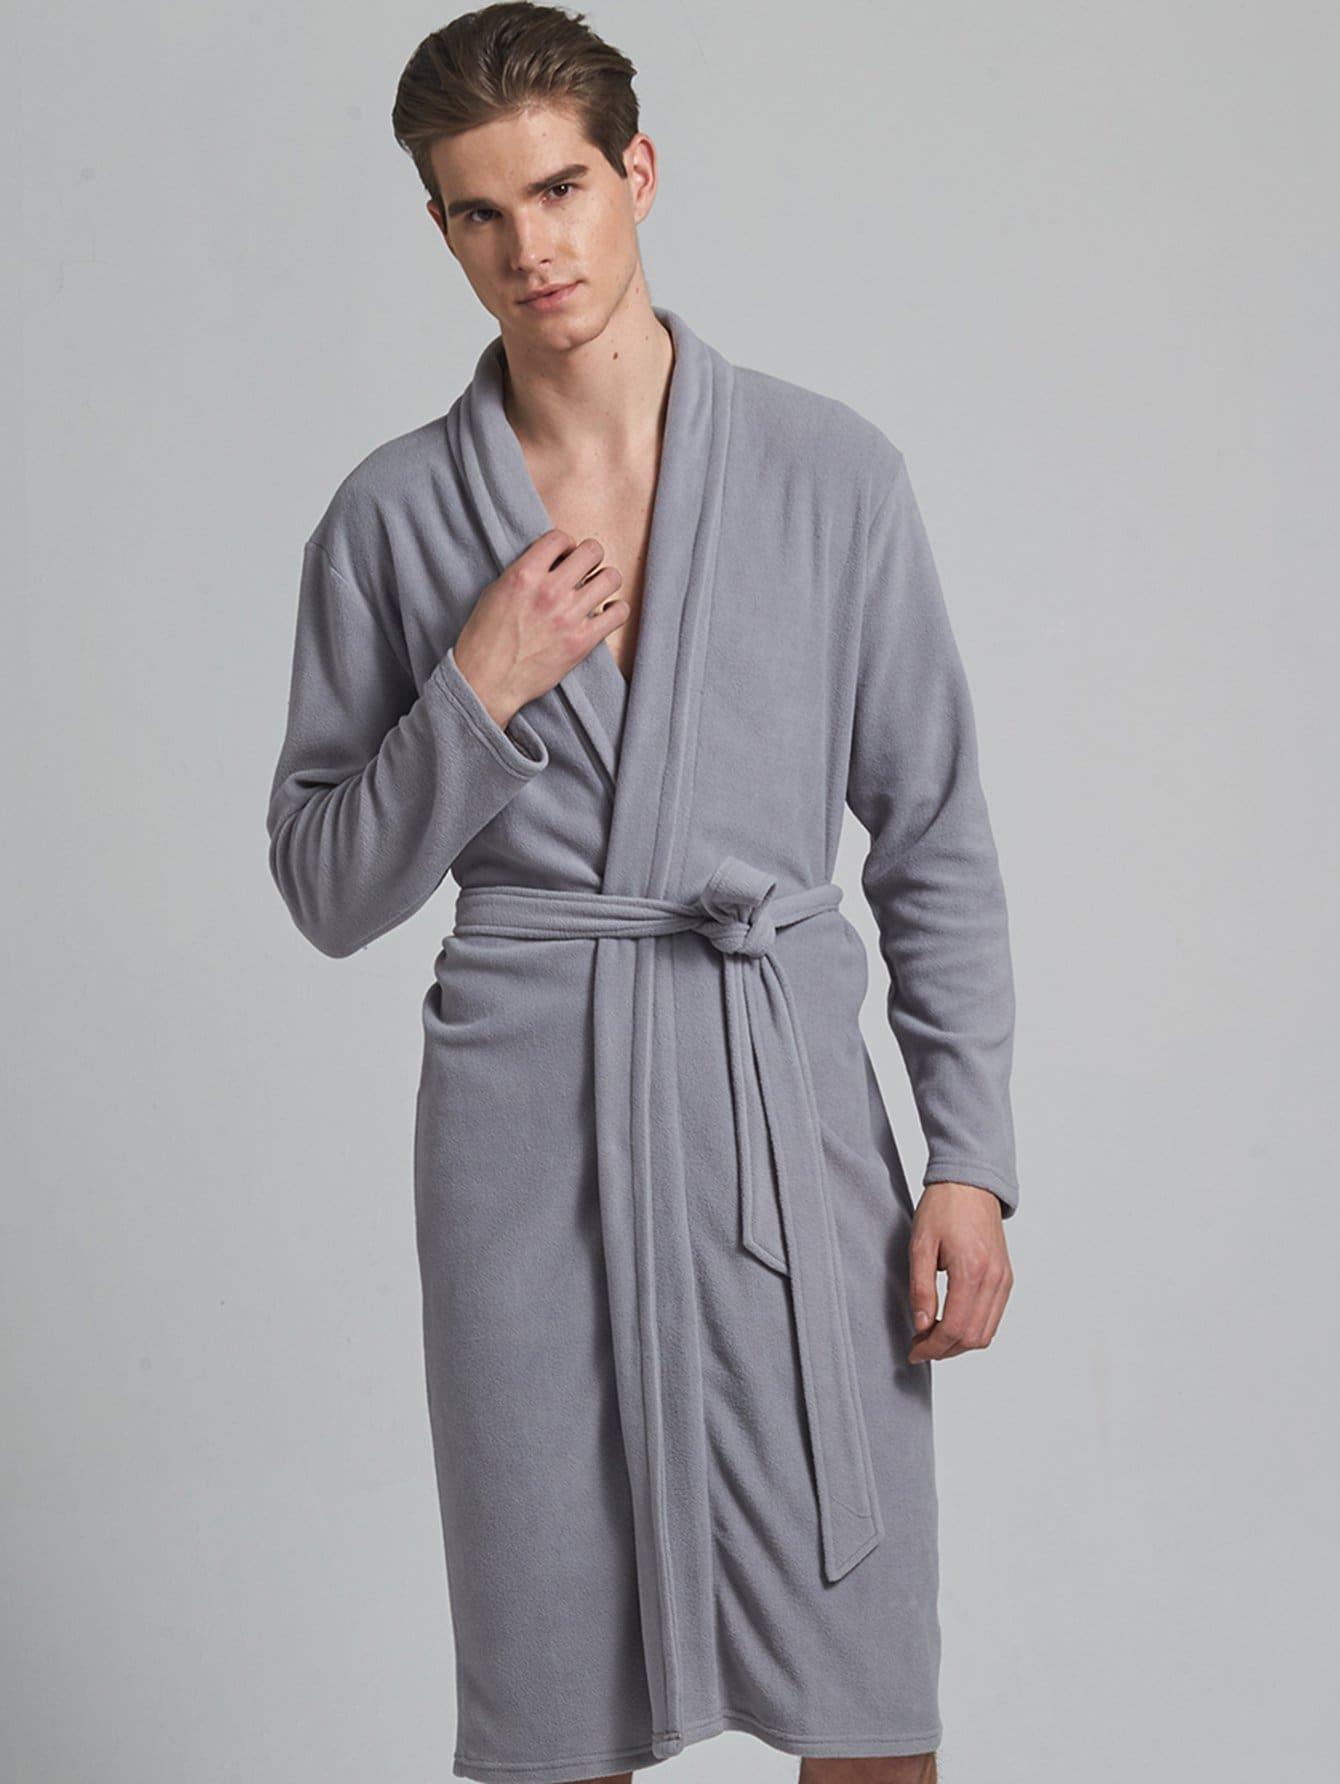 Купить Мужский домашний халат с поясом и запахом, null, SheIn